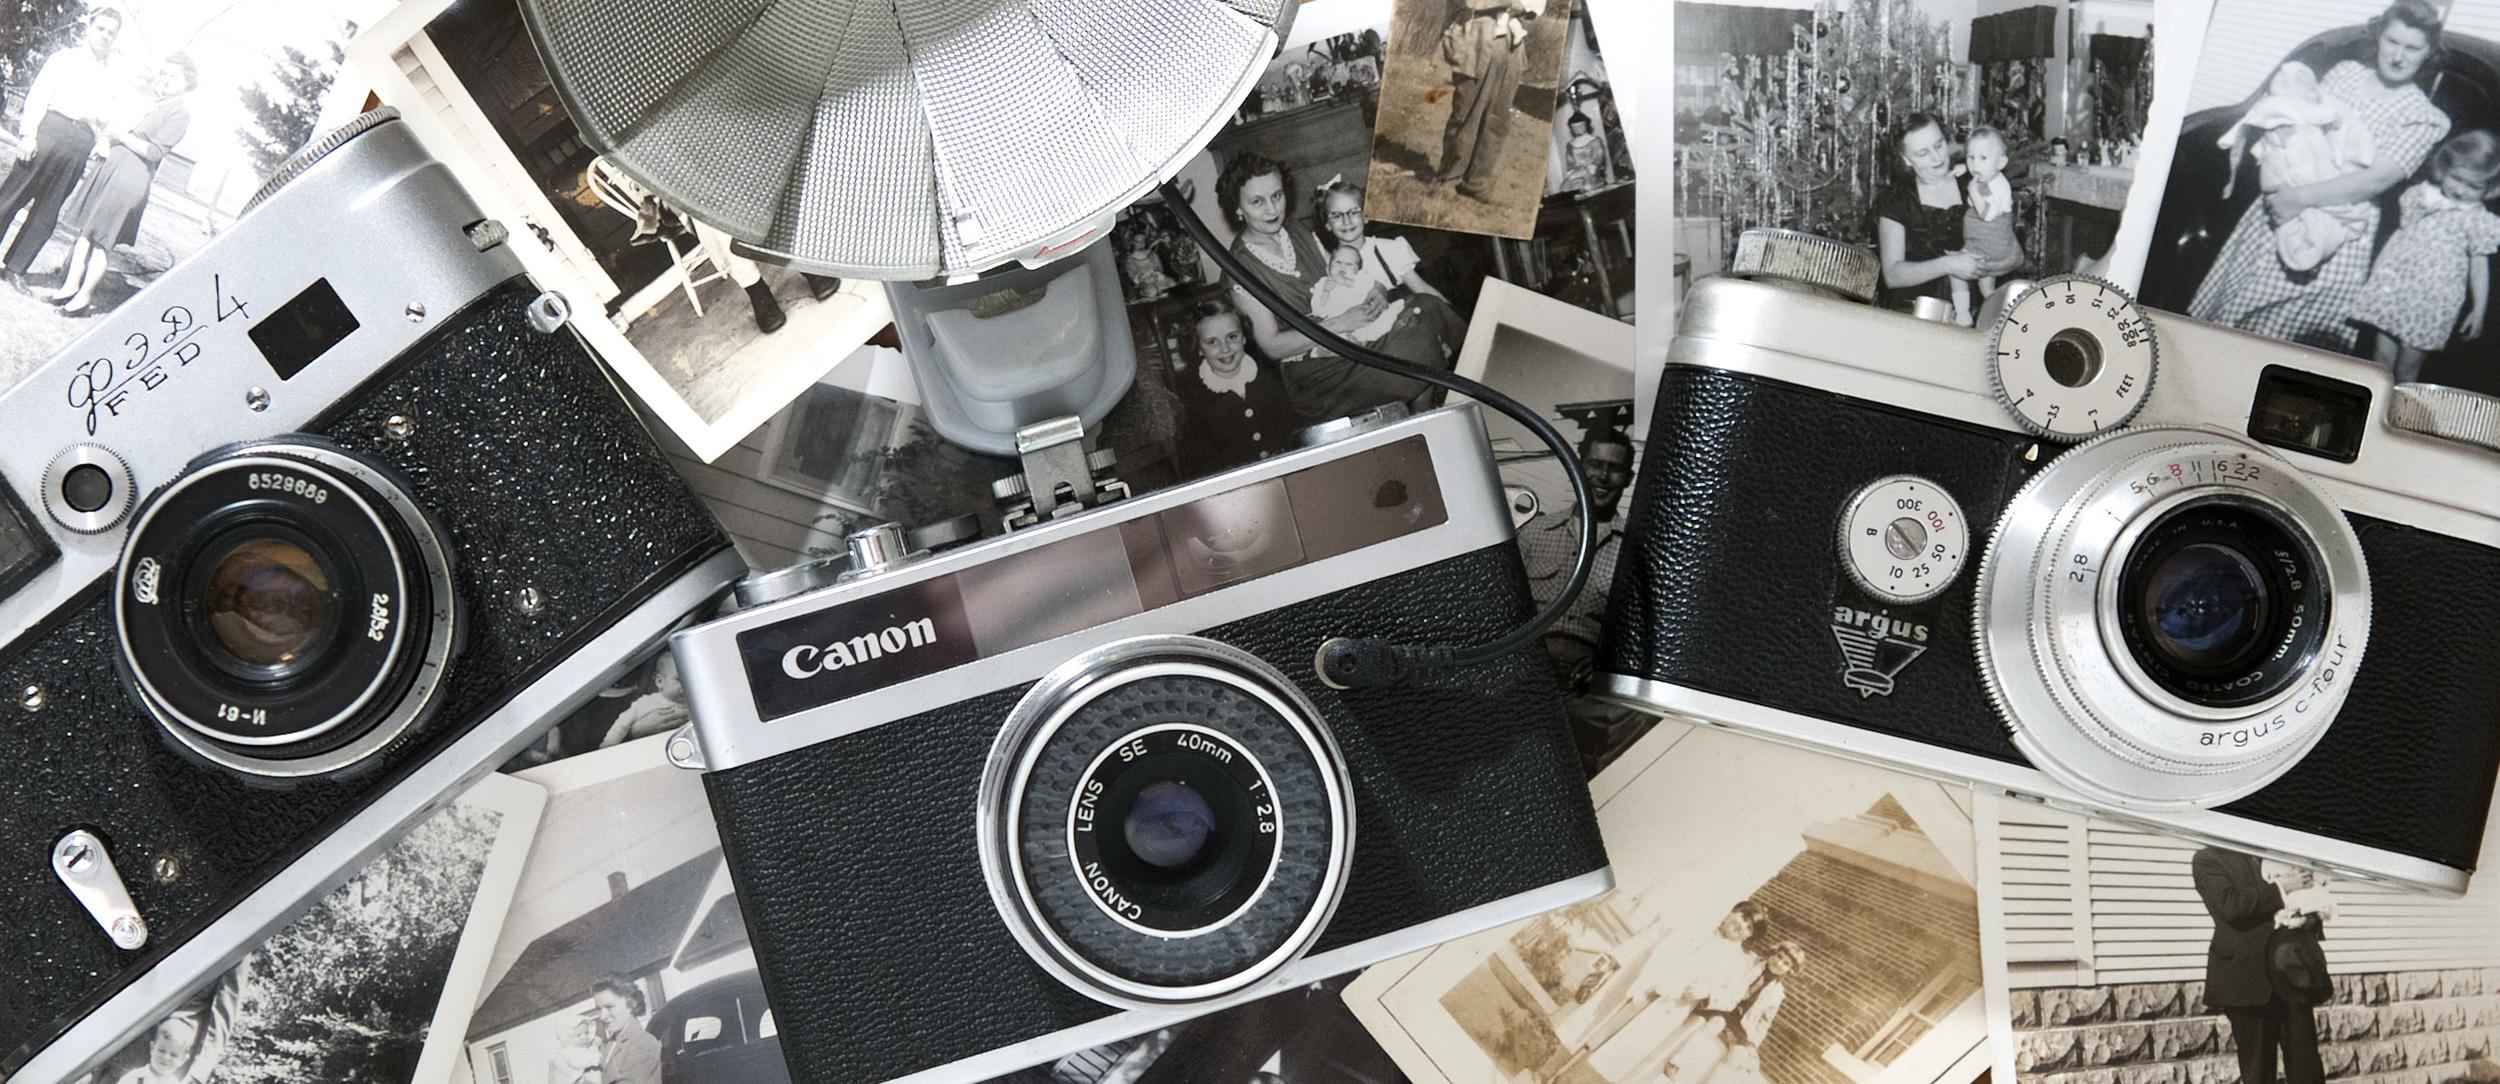 VintageCameras-006.jpg